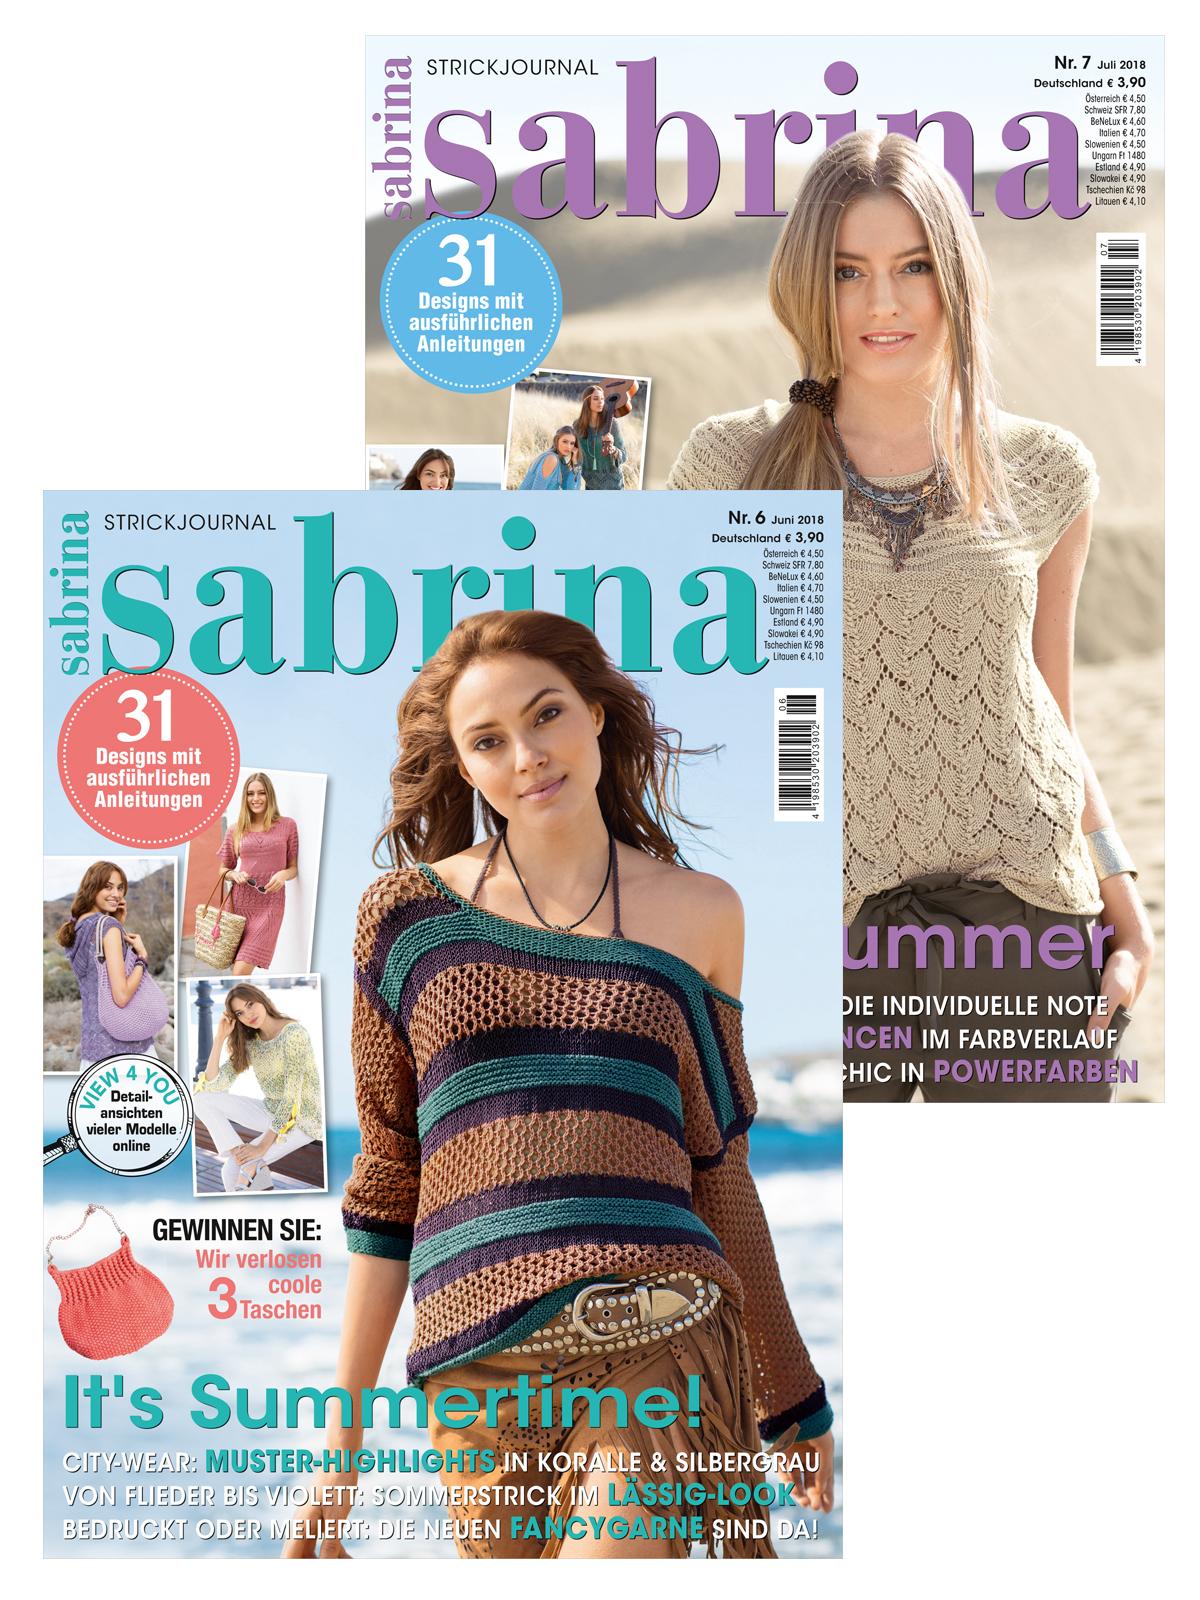 Zwei Zeitschriften im Doppelpack! Sabrina Nr. 06 und 07/2018